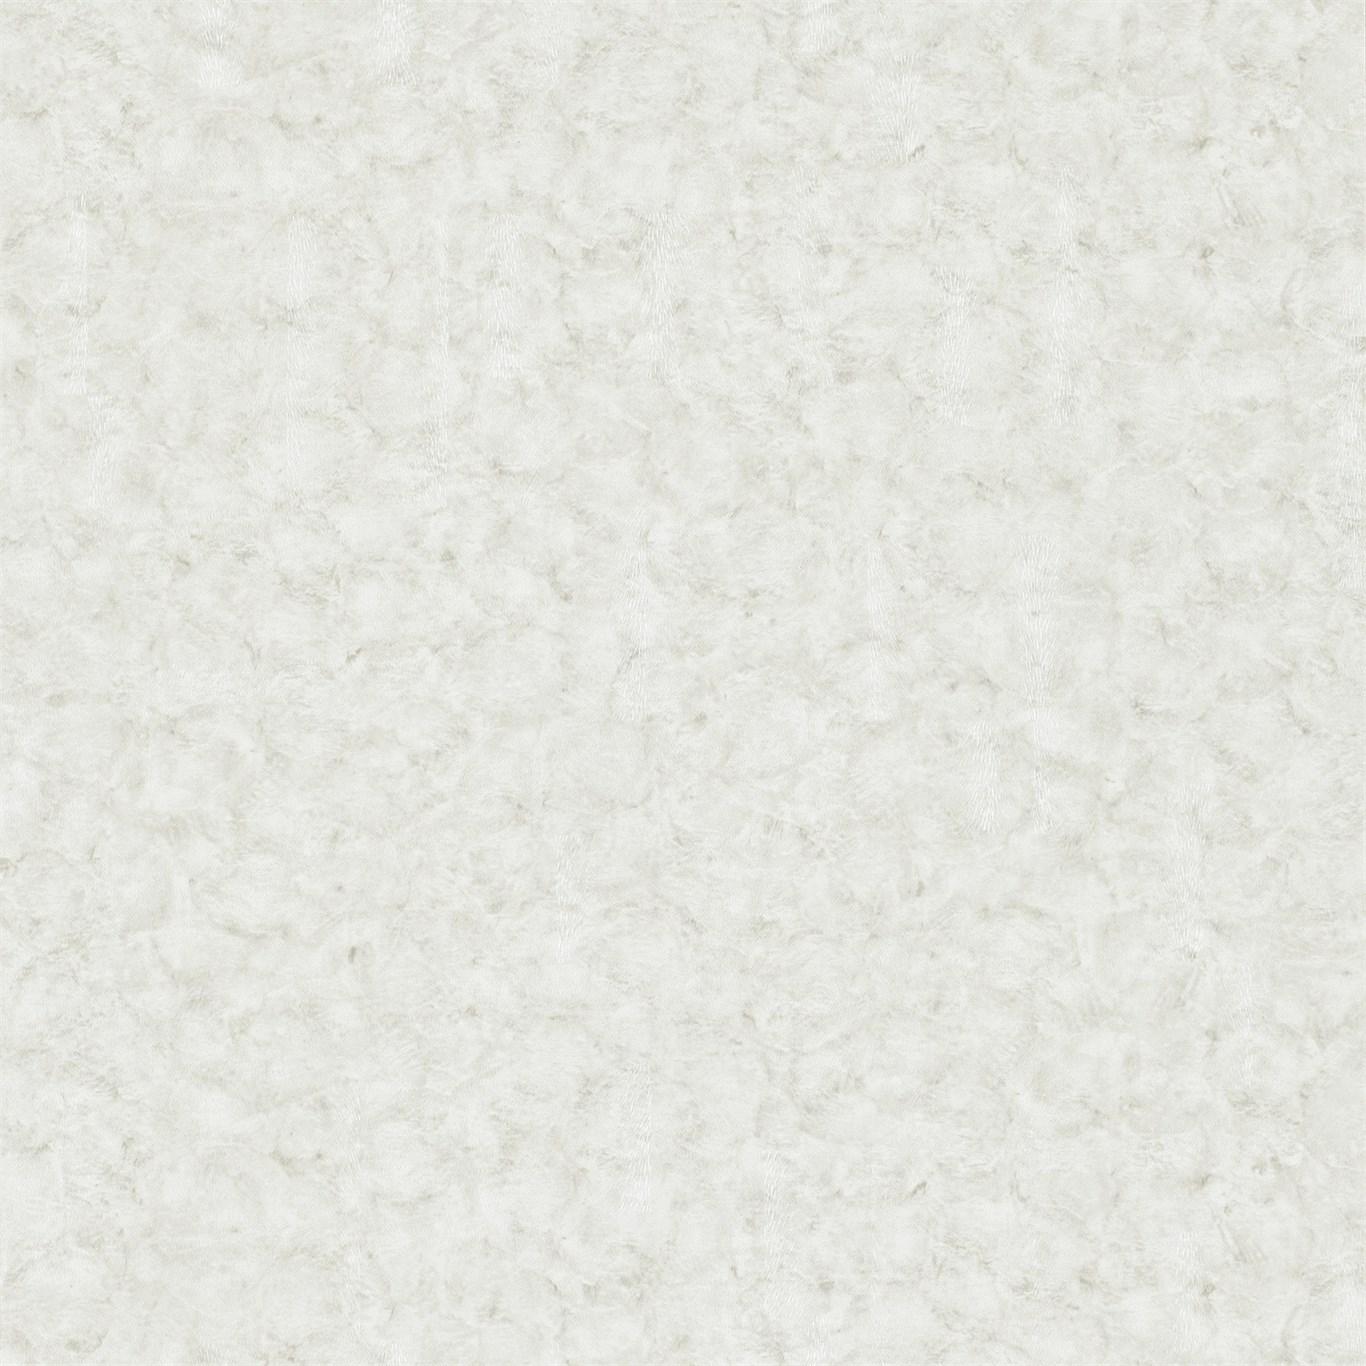 Английские обои Harlequin,  коллекция Anthology 01, артикулEREE110755